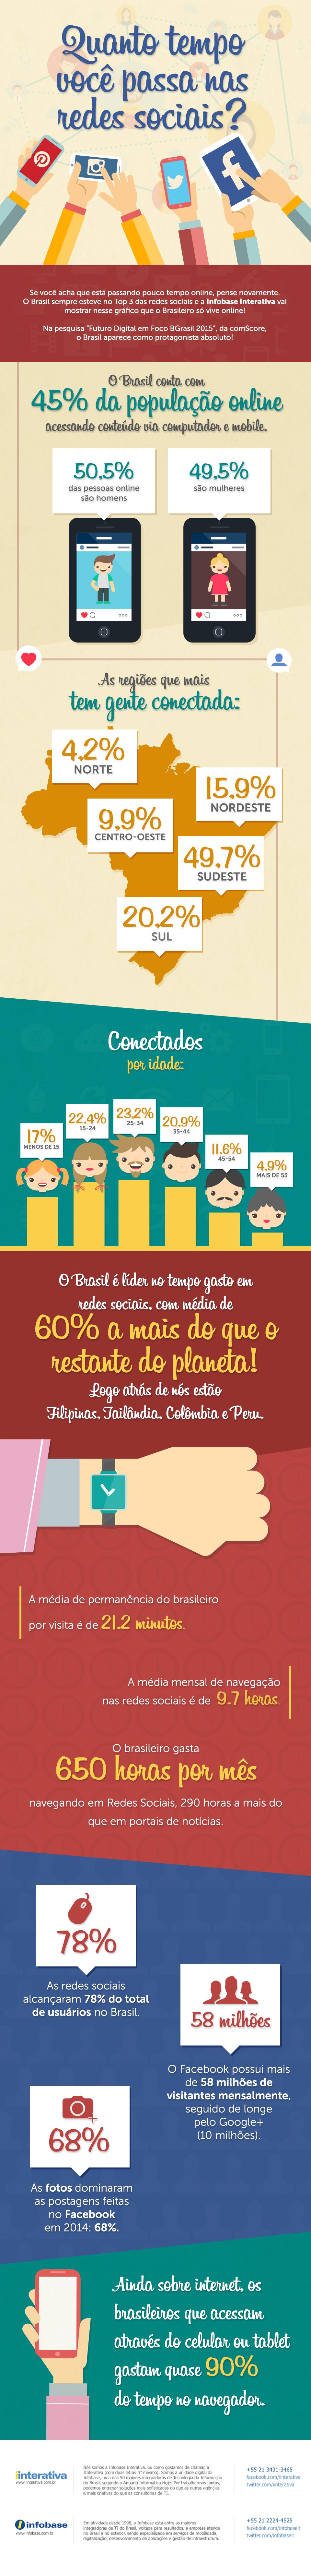 Infográfico mostra quanto tempo brasileiros estão gastando em redes sociais